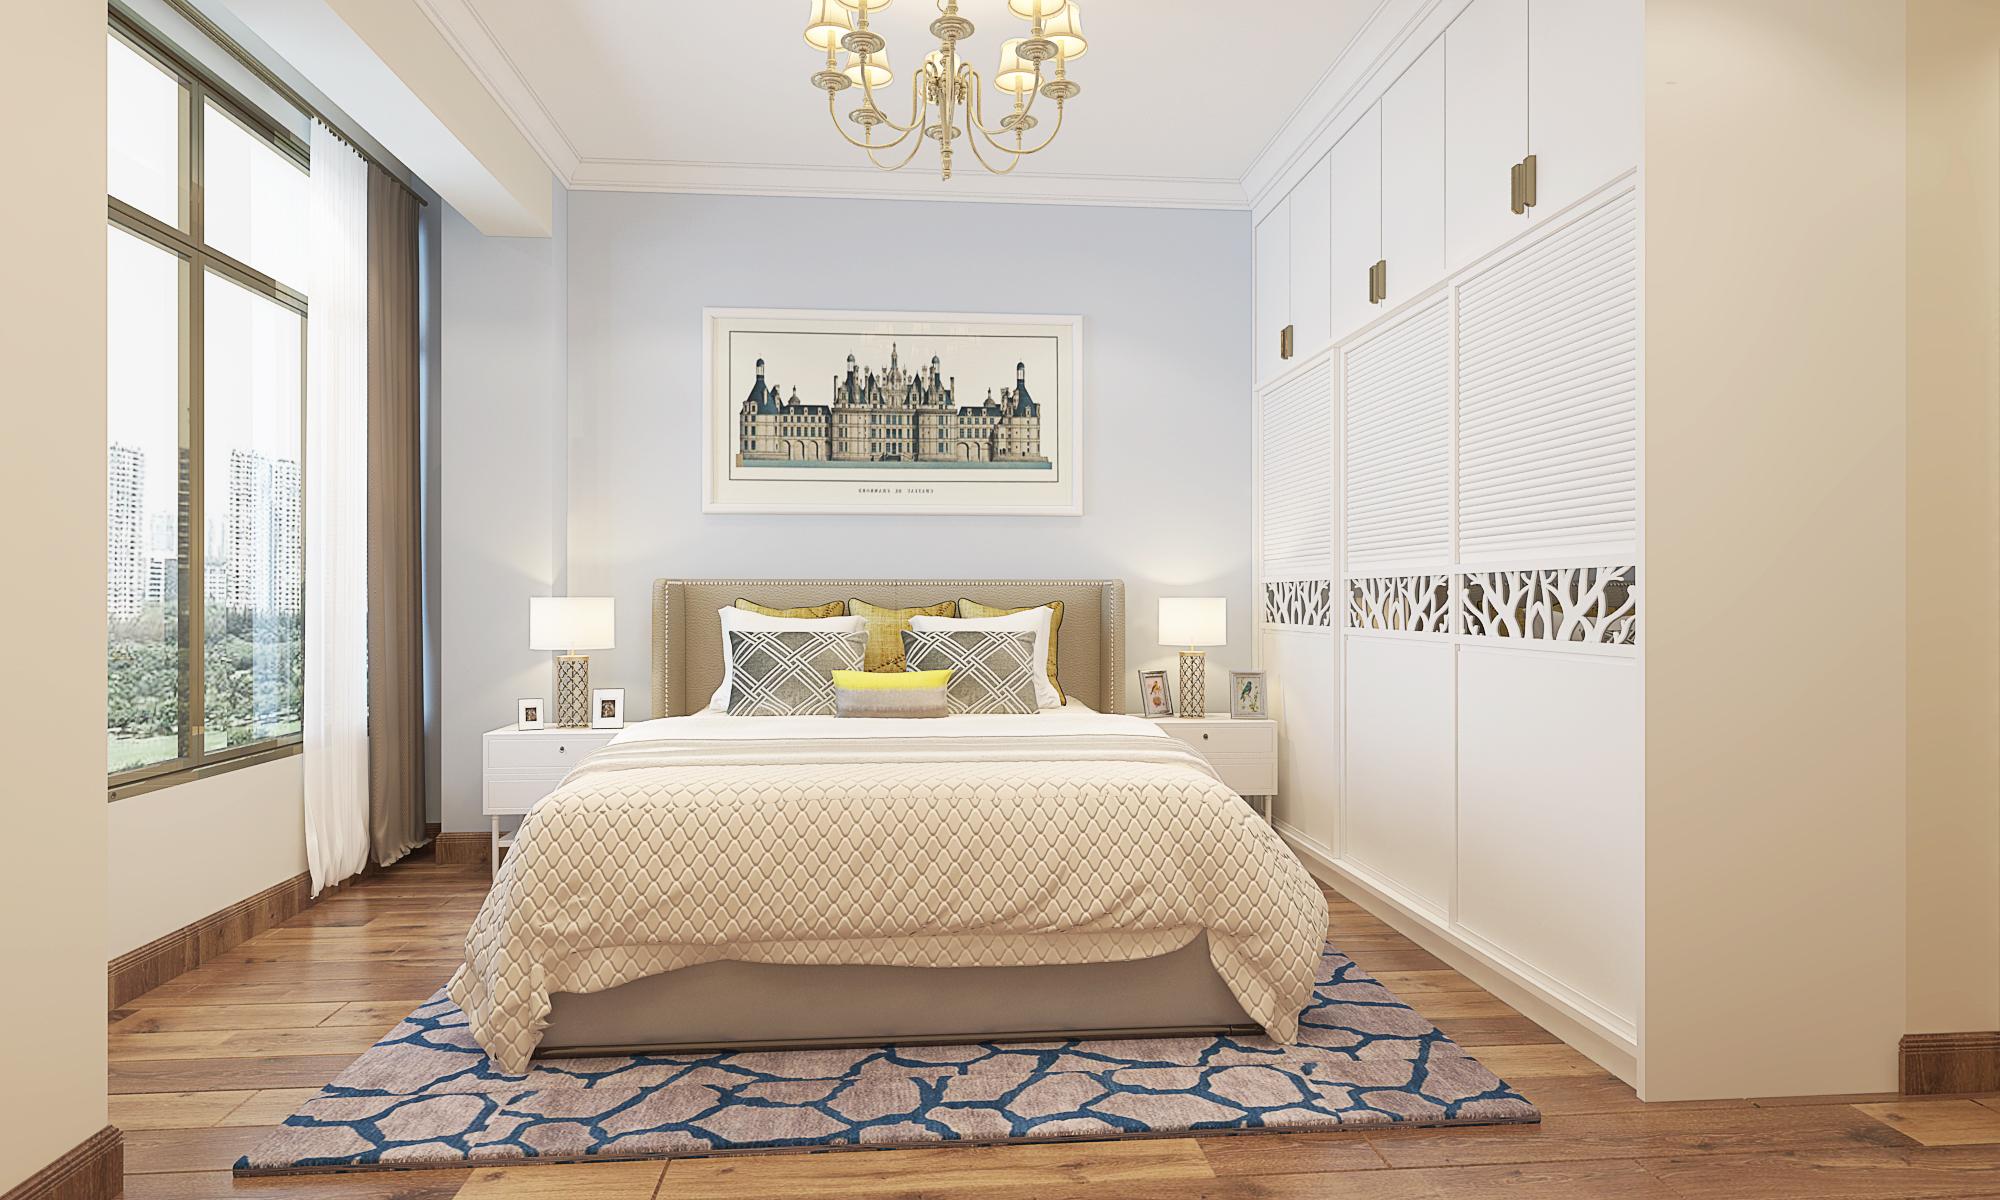 超现代 简约风格 白色调 恒大苹果园 卧室图片来自广西品匠装饰集团在恒大苹果园超现代风格装修案例的分享